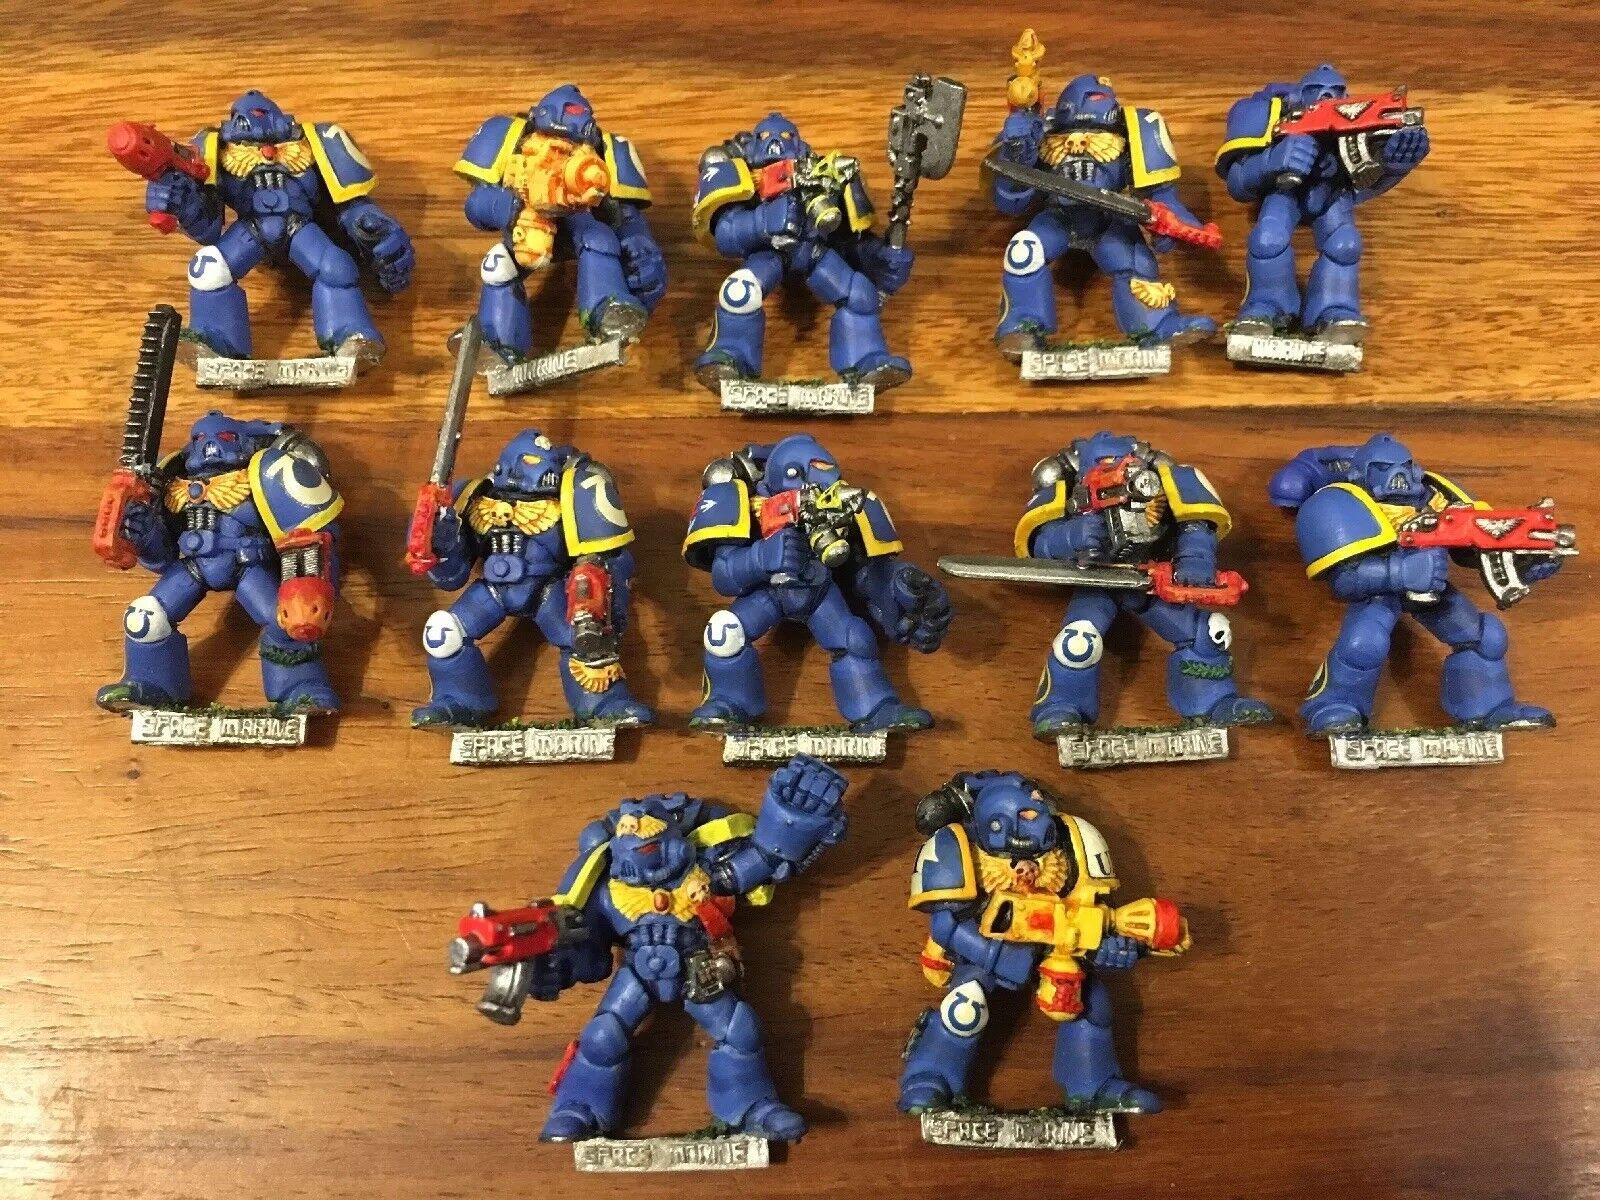 Ultramarines X9 Well Painted Space Marines 90s Metal Warhammer 40k OOP